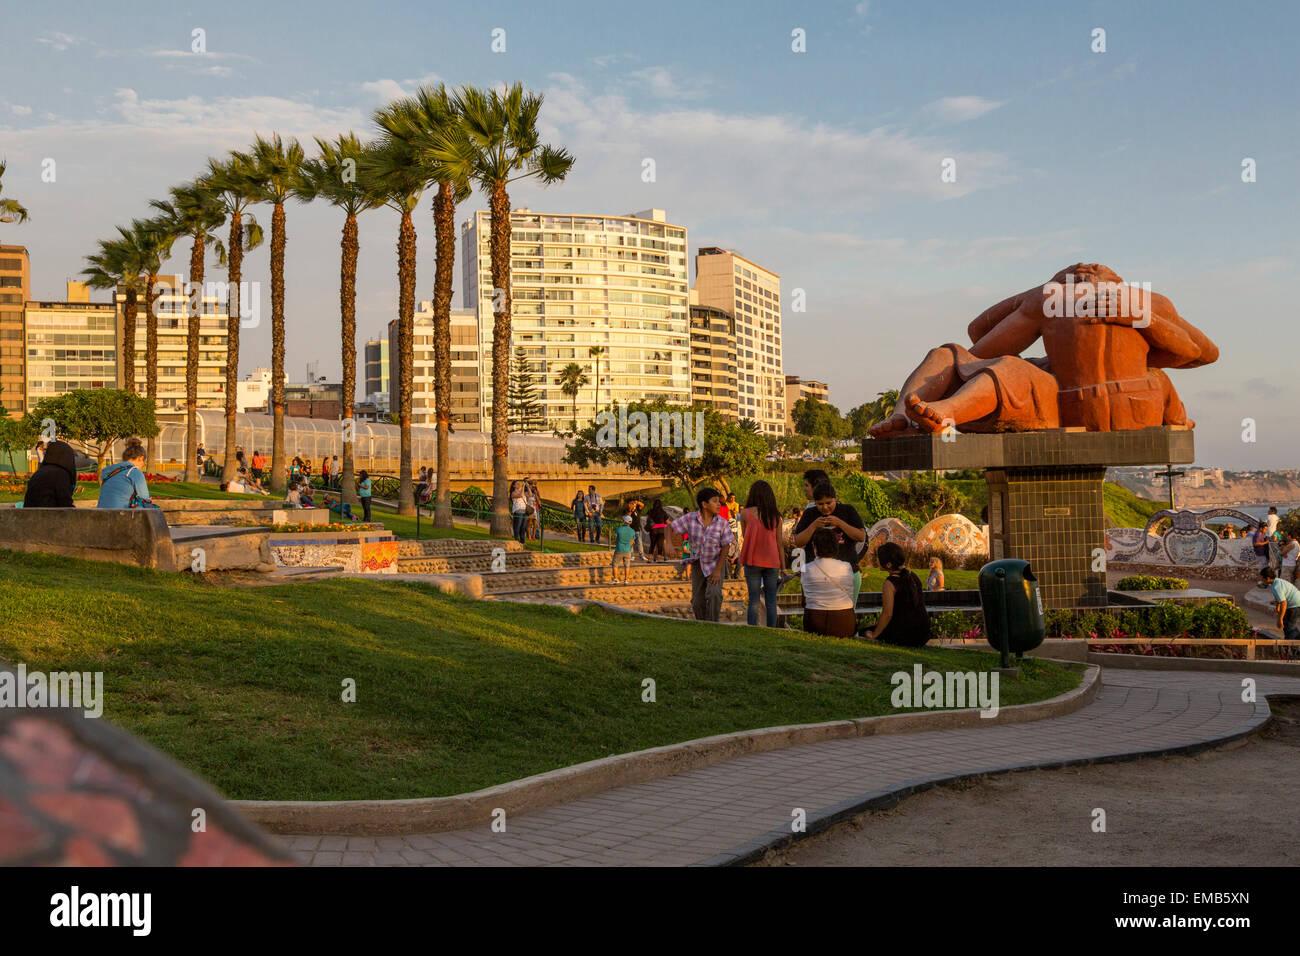 """Perú, Lima. Amor Park (Parque del Amor). La escultura """"El Beso"""" (El Beso) por Victor Delfín. Imagen De Stock"""